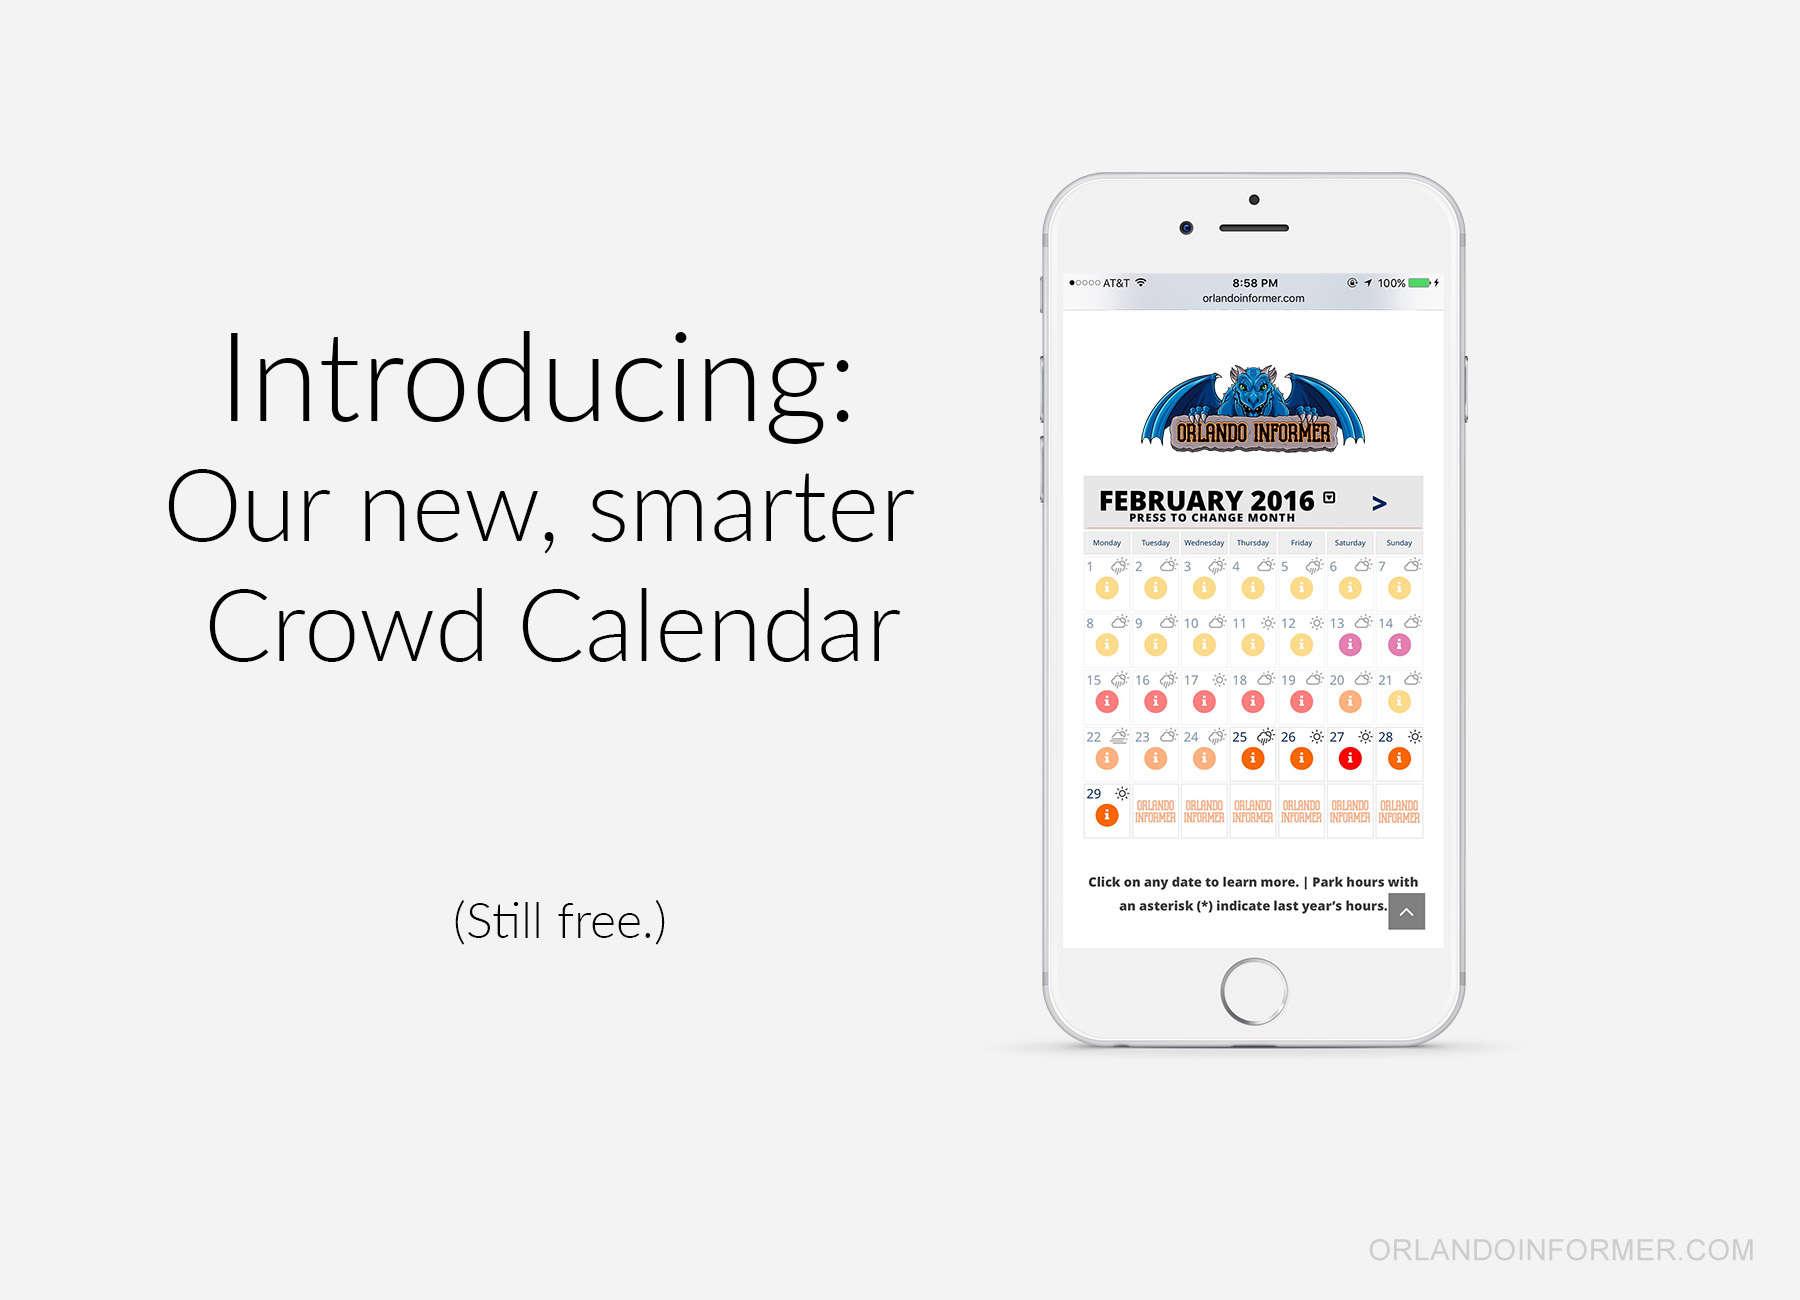 The world's best Universal crowd calendar just got better